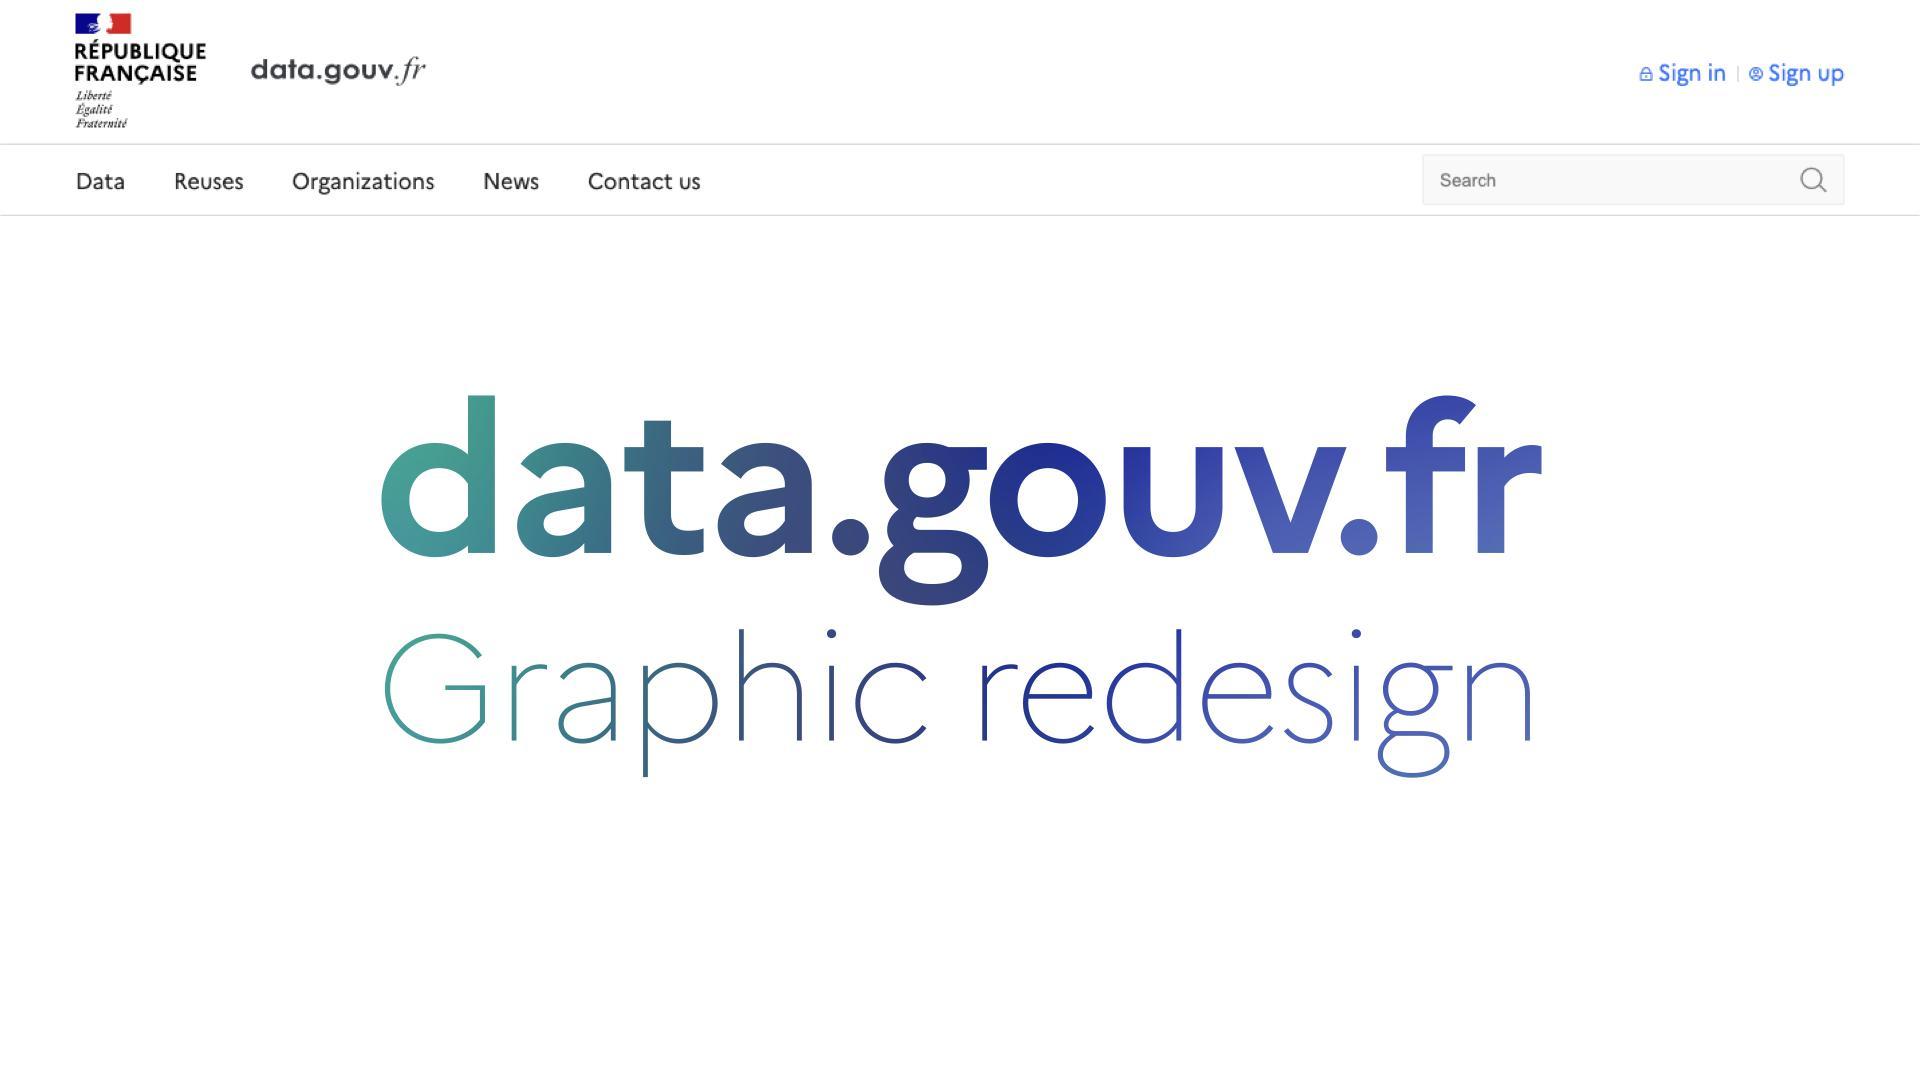 (EN) data.gouv.fr graphic redesign